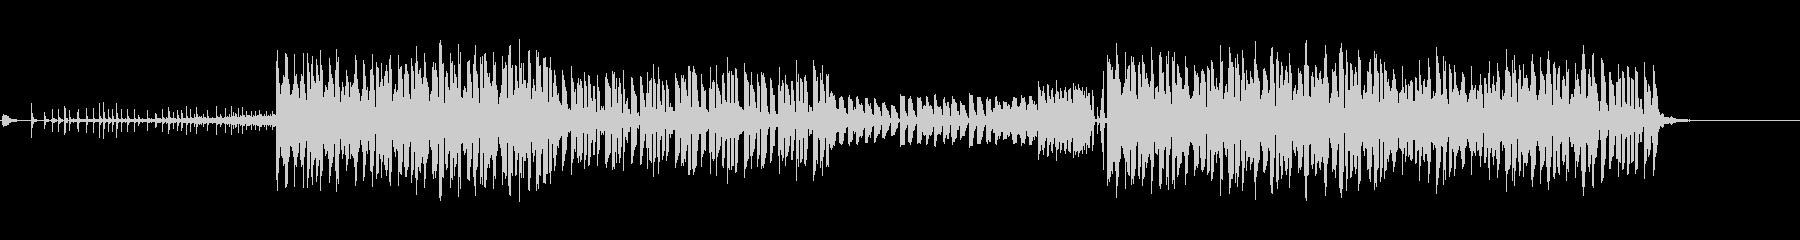 ノリの良いEDMのBGMの未再生の波形